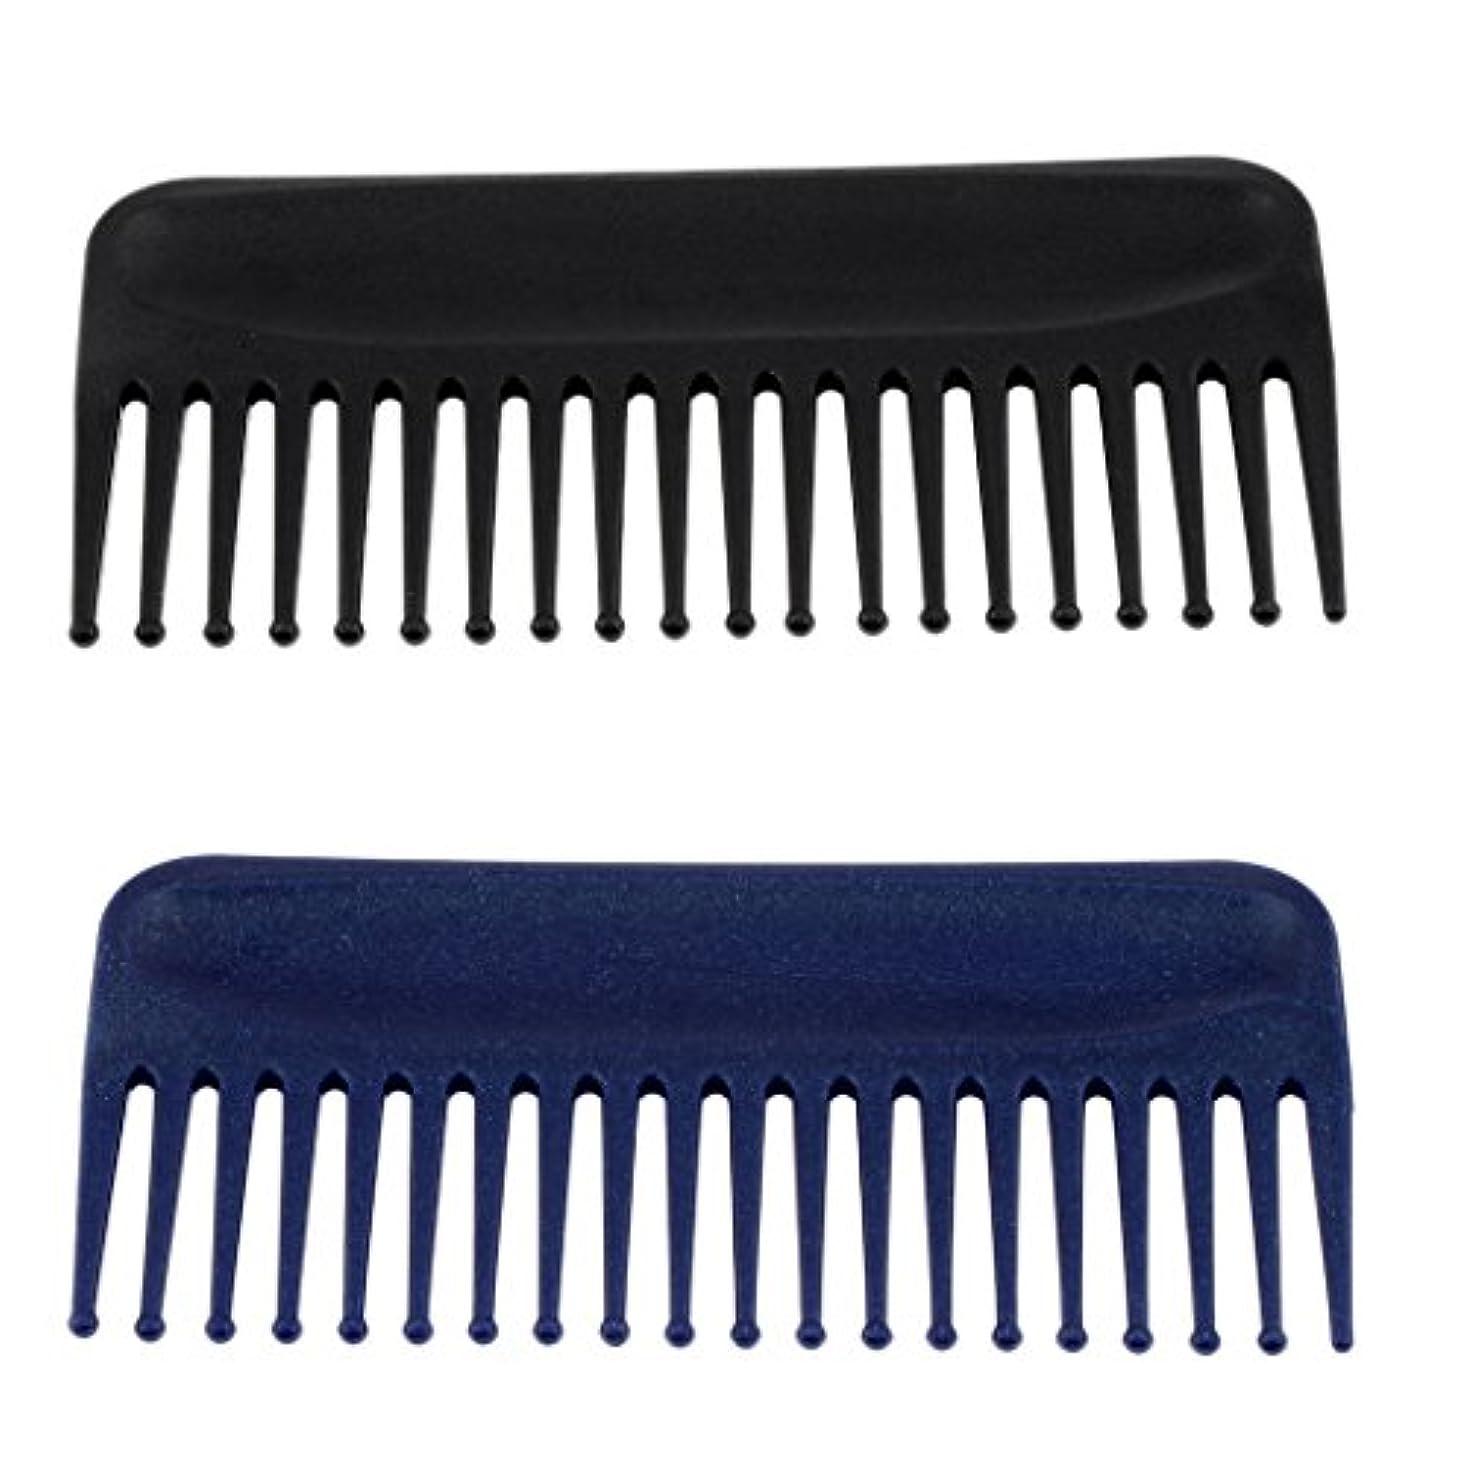 思想専門知識あなたのものBaosity ヘアコーム くし 櫛 ヘアブラシ  頭皮マッサージ 静電気防止 美髪ケア 快適 プラスチック製 2個